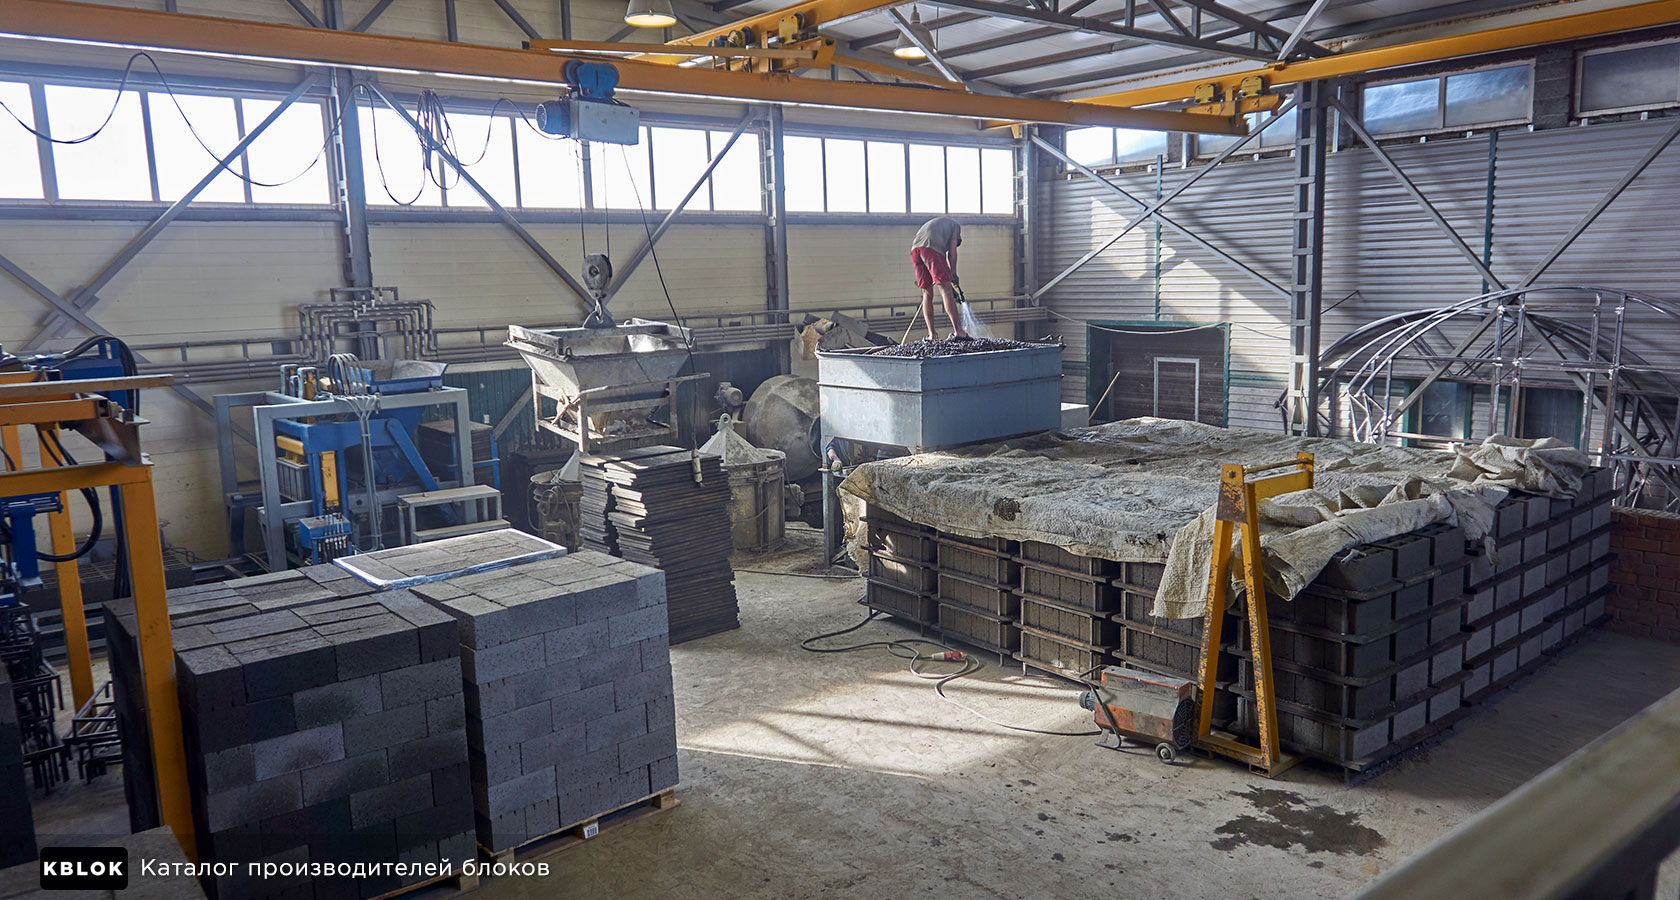 Общий вид цеха по производству блоков в Ишлеях